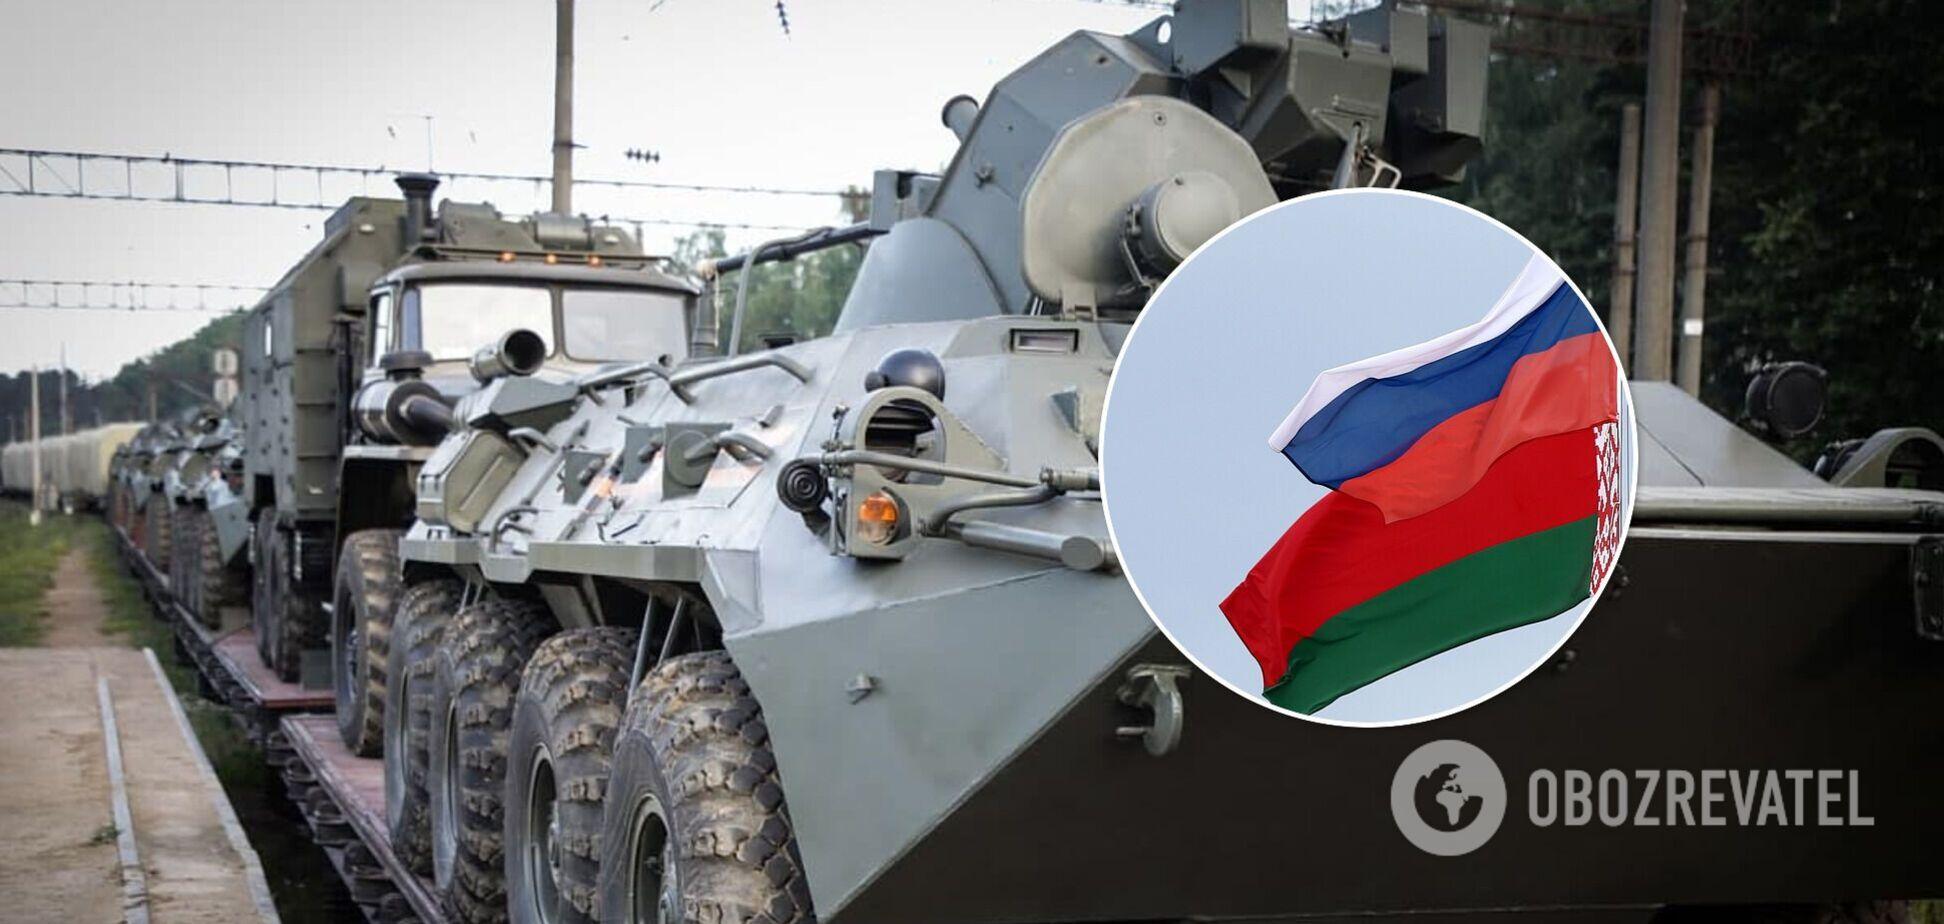 Військова техніка РФ стягується в Білорусь: Лукашенко боїться не пережити бунт?